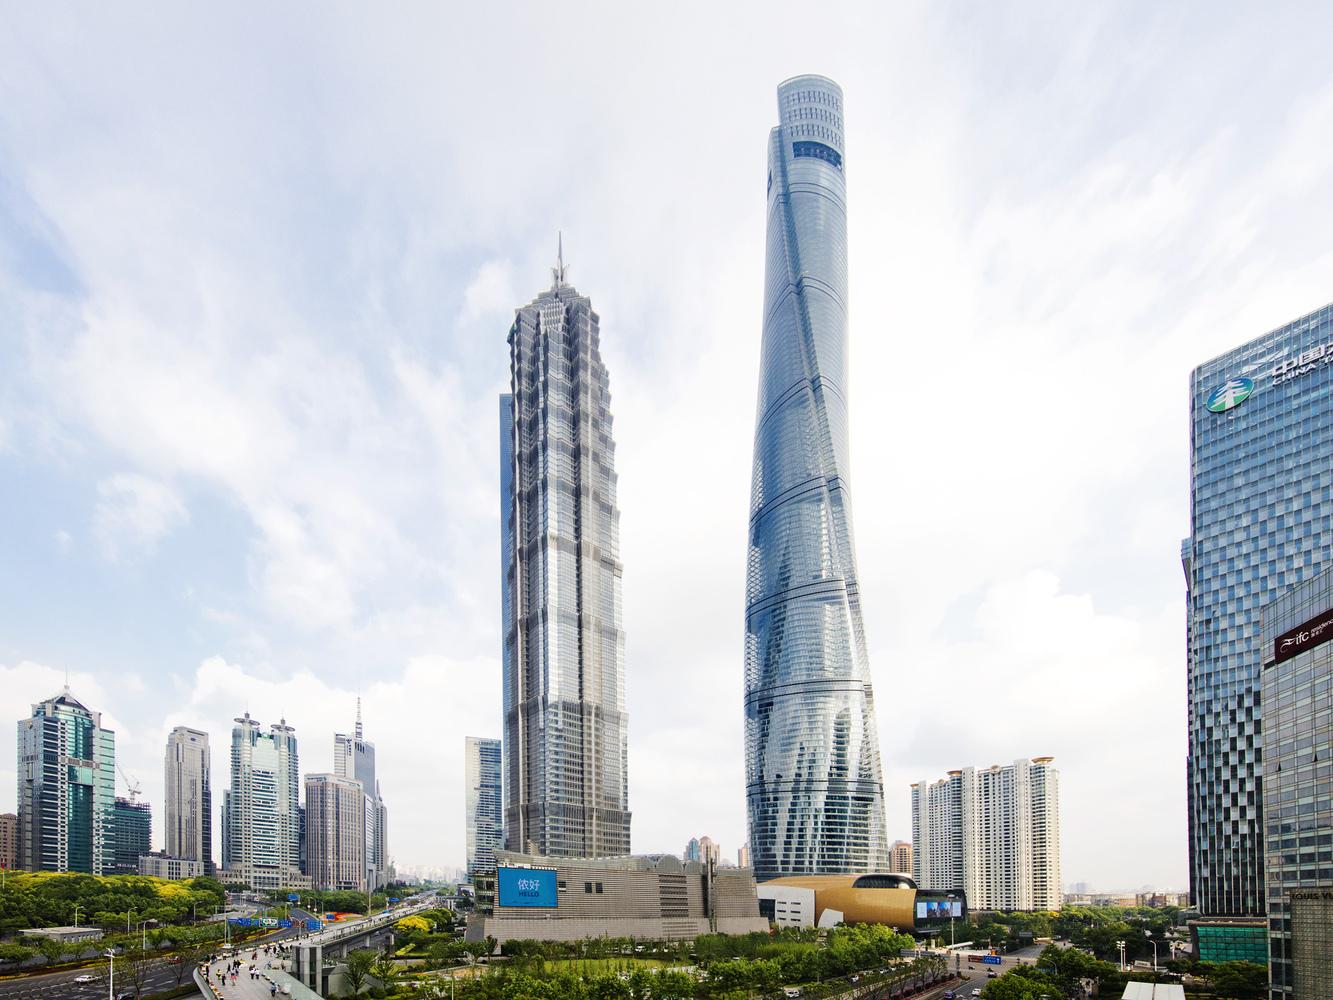 Escritório que projetou o hotel atari também projetou a shanghai tower